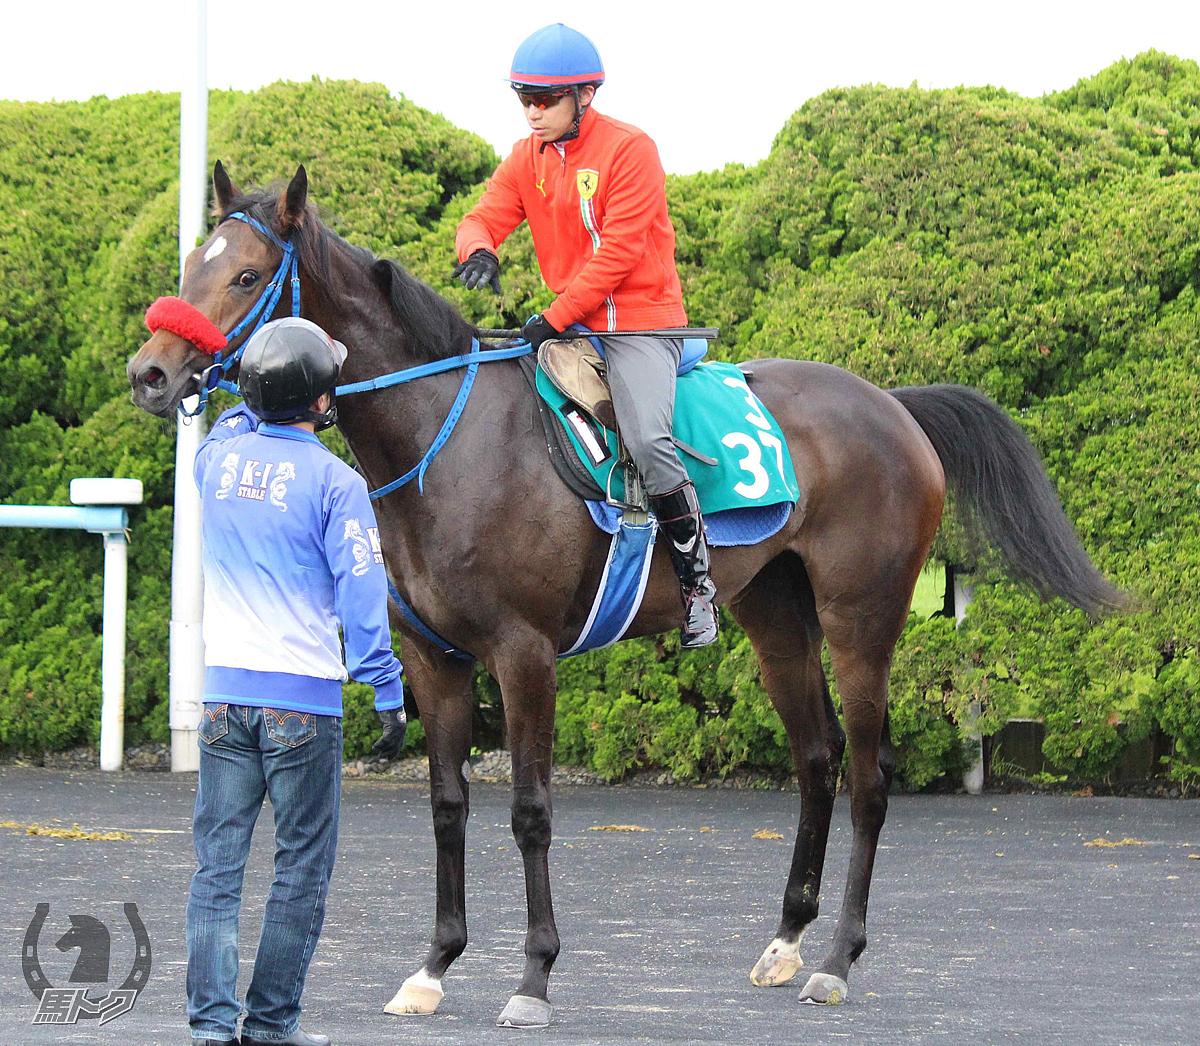 ヤマカツルビーの馬体写真